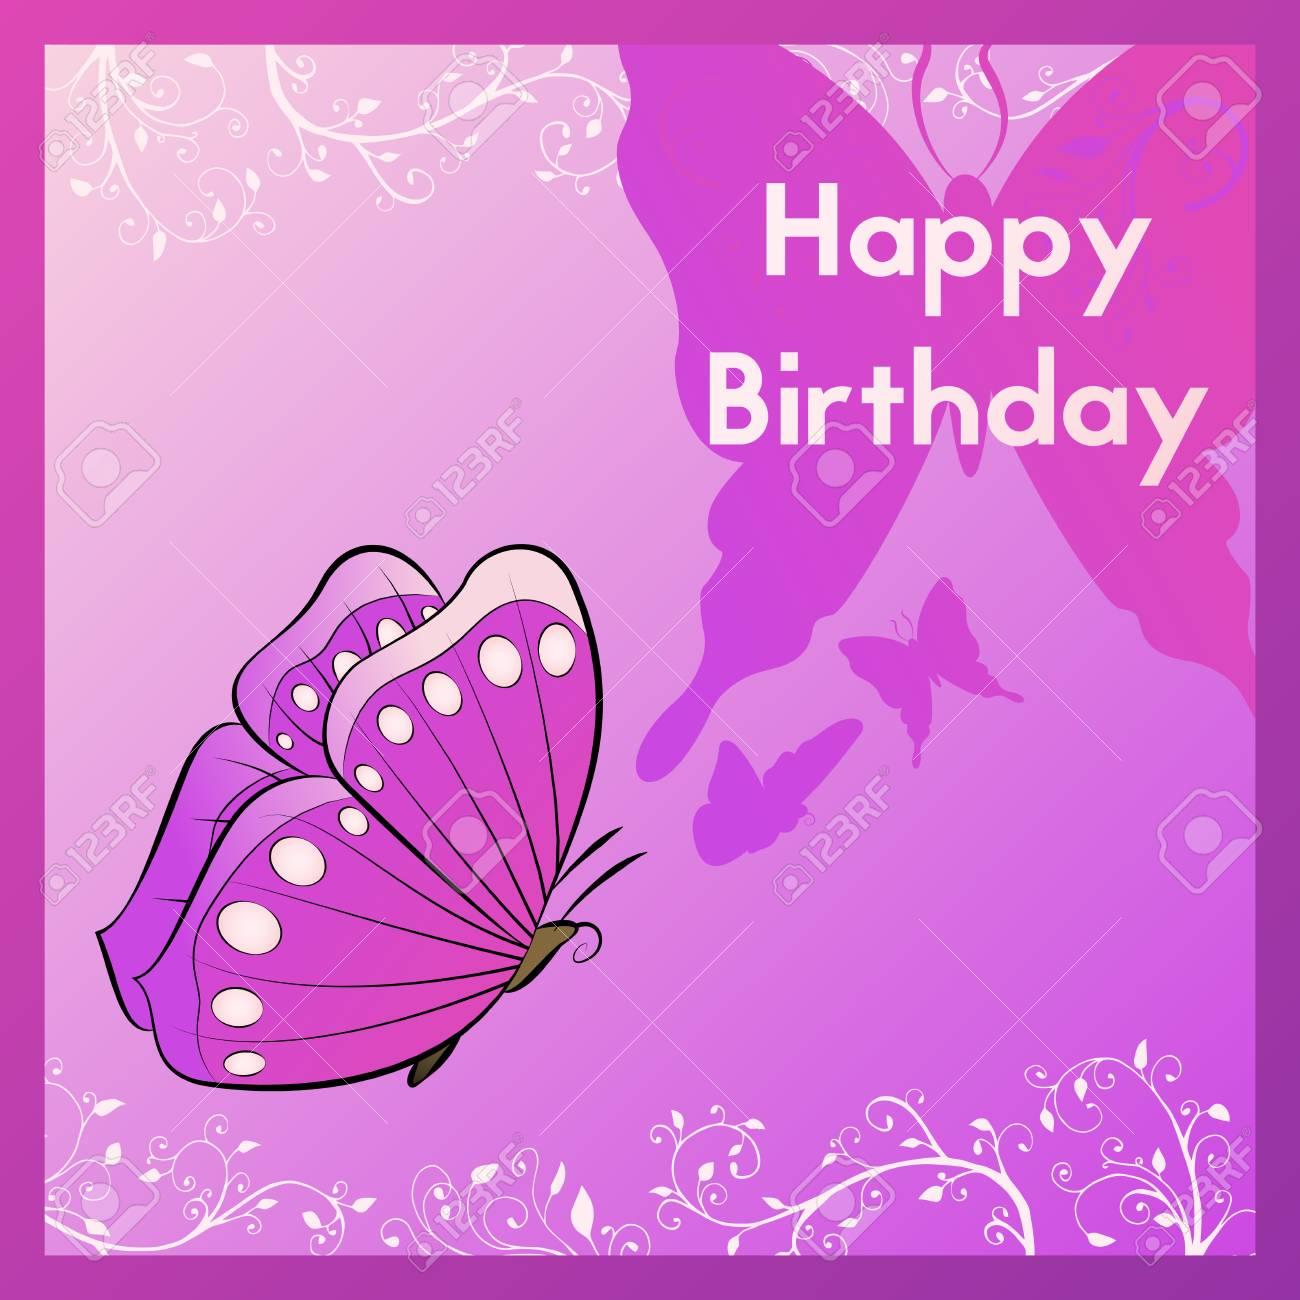 Carte De Voeux Joyeux Anniversaire Violet La Carte Postale Est Decoree D Un Papillon Violet Et Laisse Des Boucles Le Modele De Felicitations Pour L Illustration Vectorielle De L Occasion Clip Art Libres De Droits